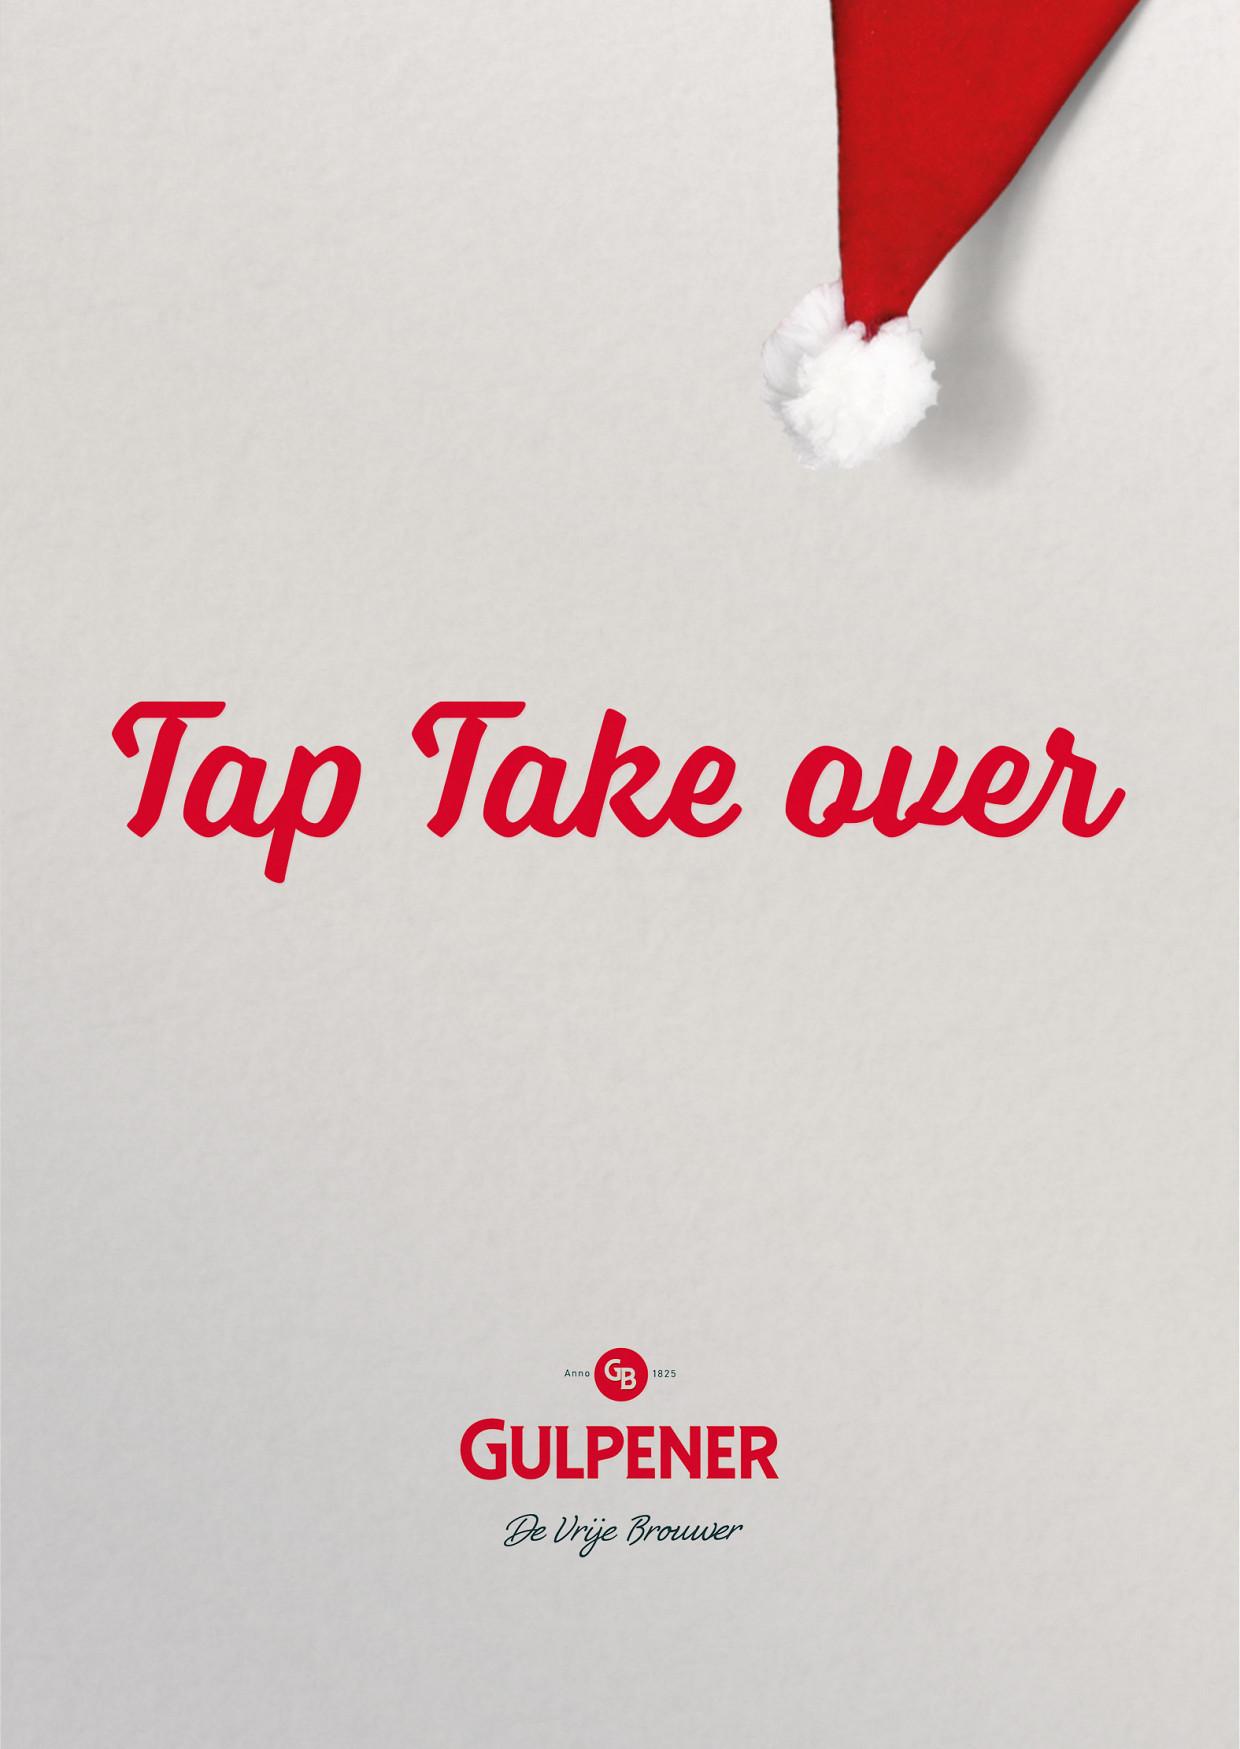 Tap Take Over: Gulpener Brouwerij